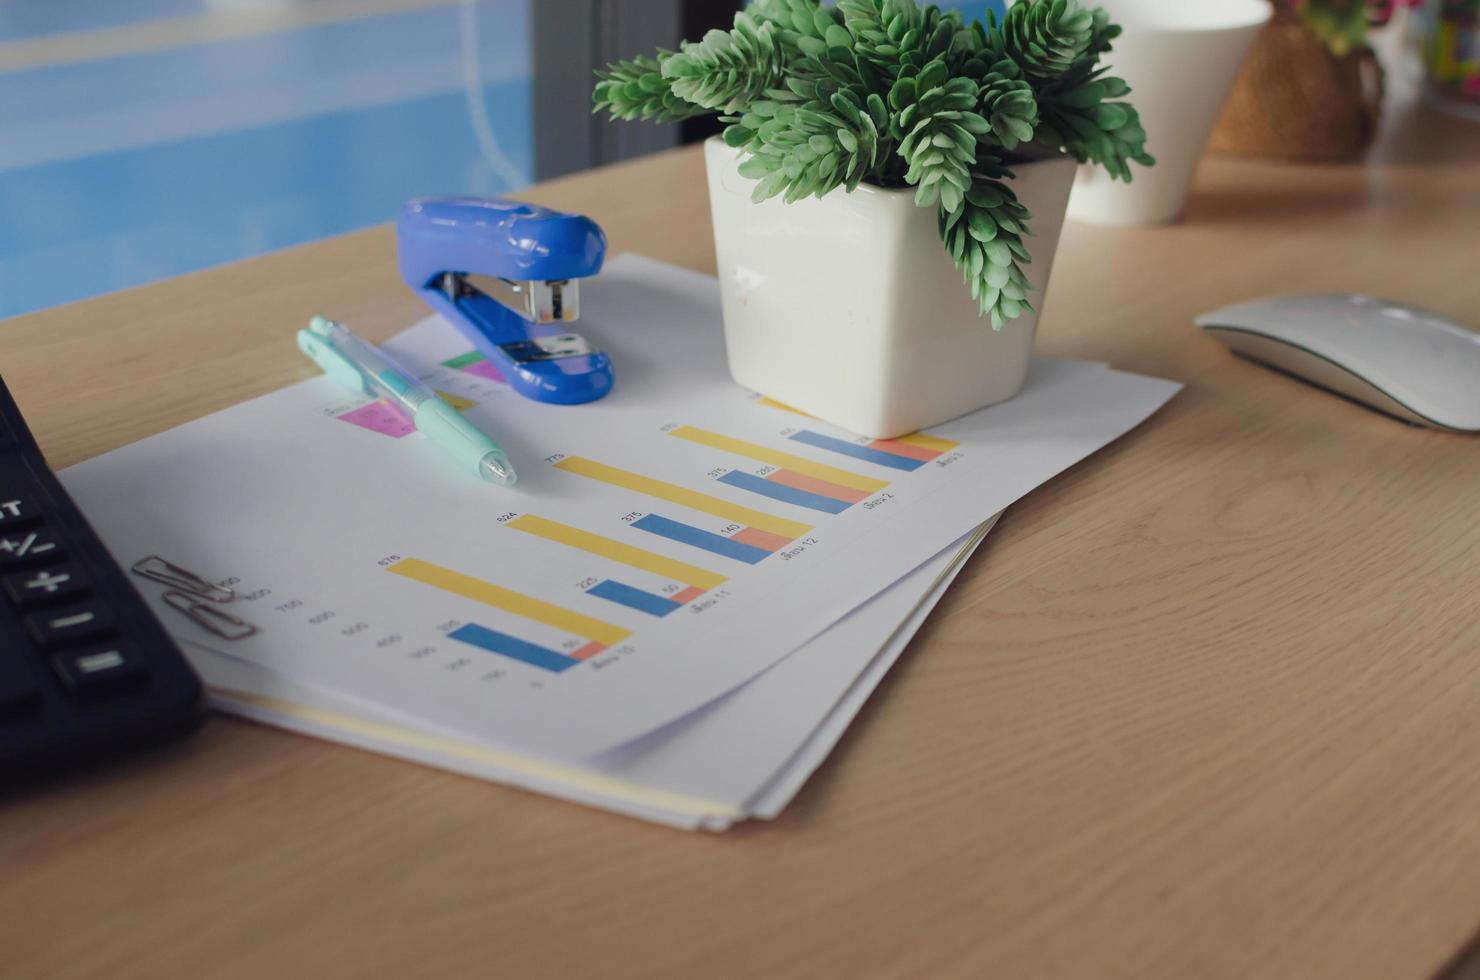 pila de documentos en un escritorio foto